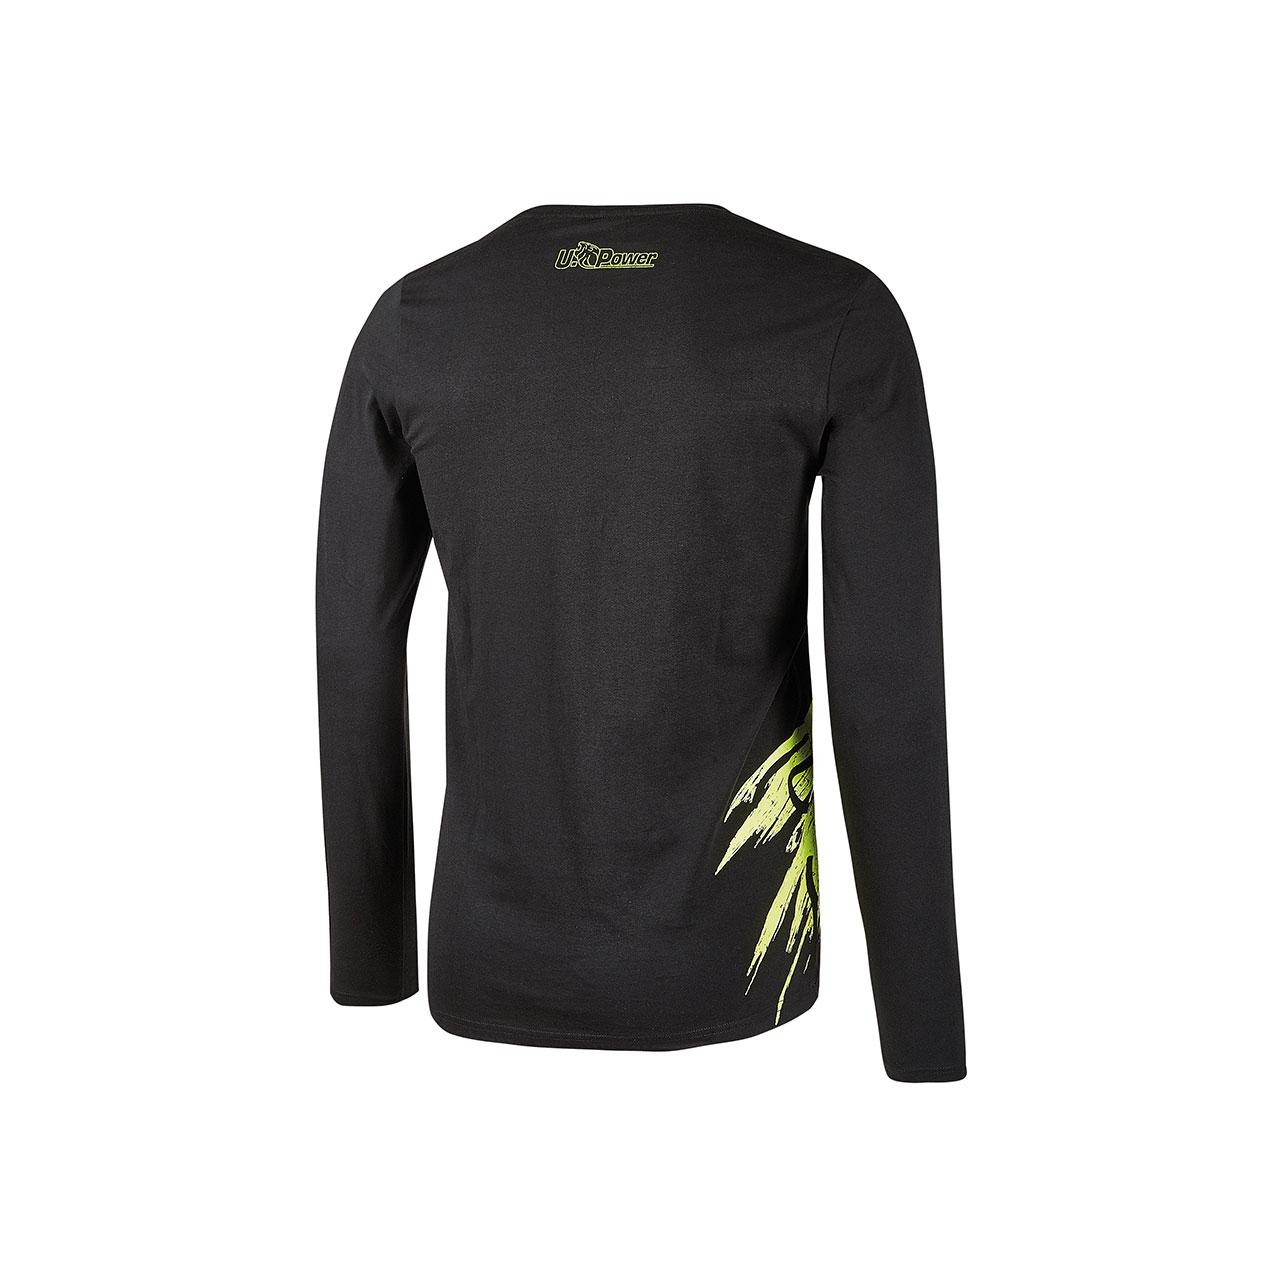 tshirt da lavoro upower modello alien colore black carbon retro